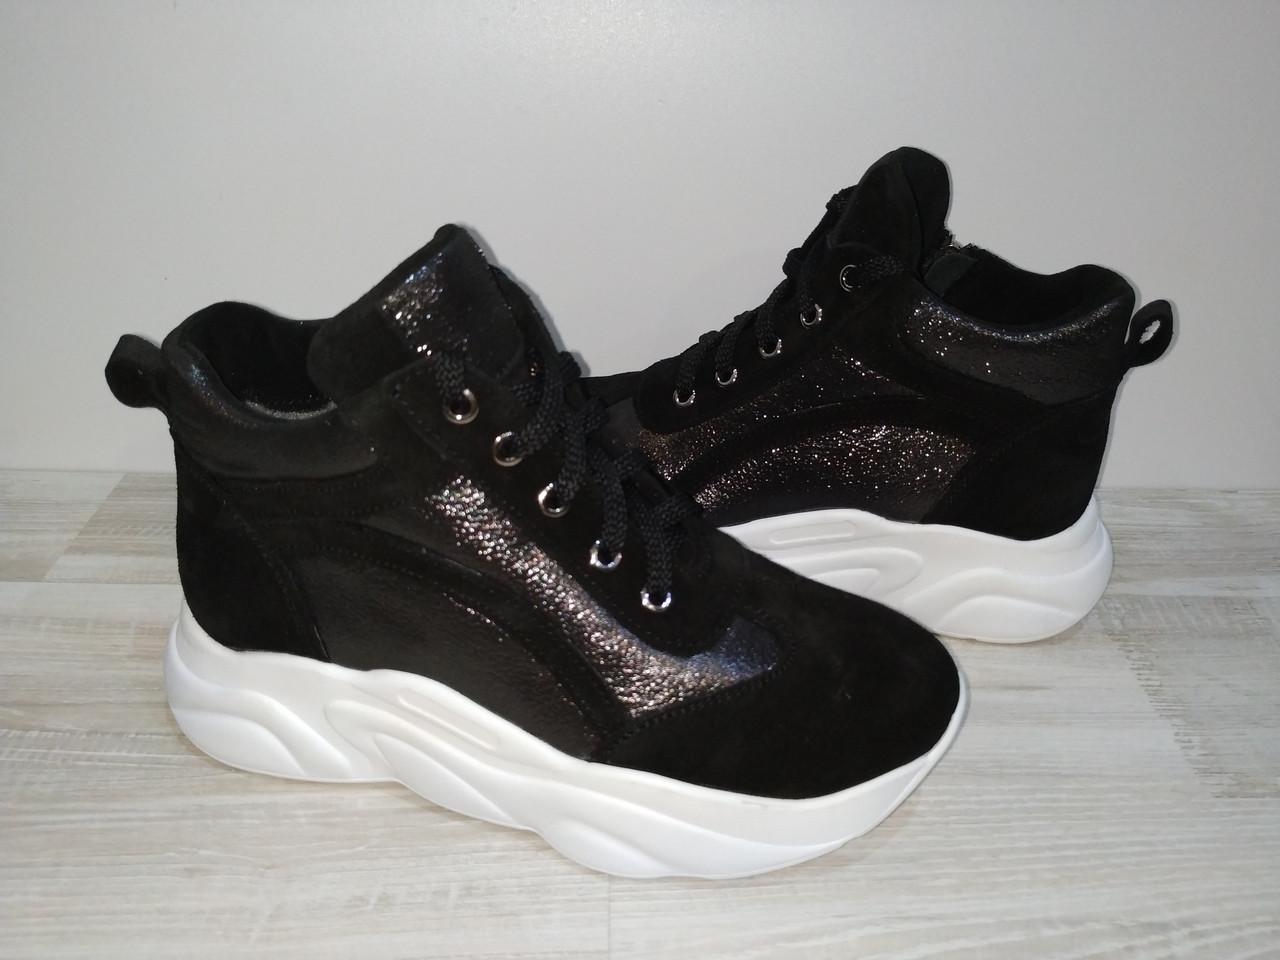 Ботинки сникерсы на шерстяном меху  из натуральной кожи и замши  арт 116 ,черные размеры 32-34.